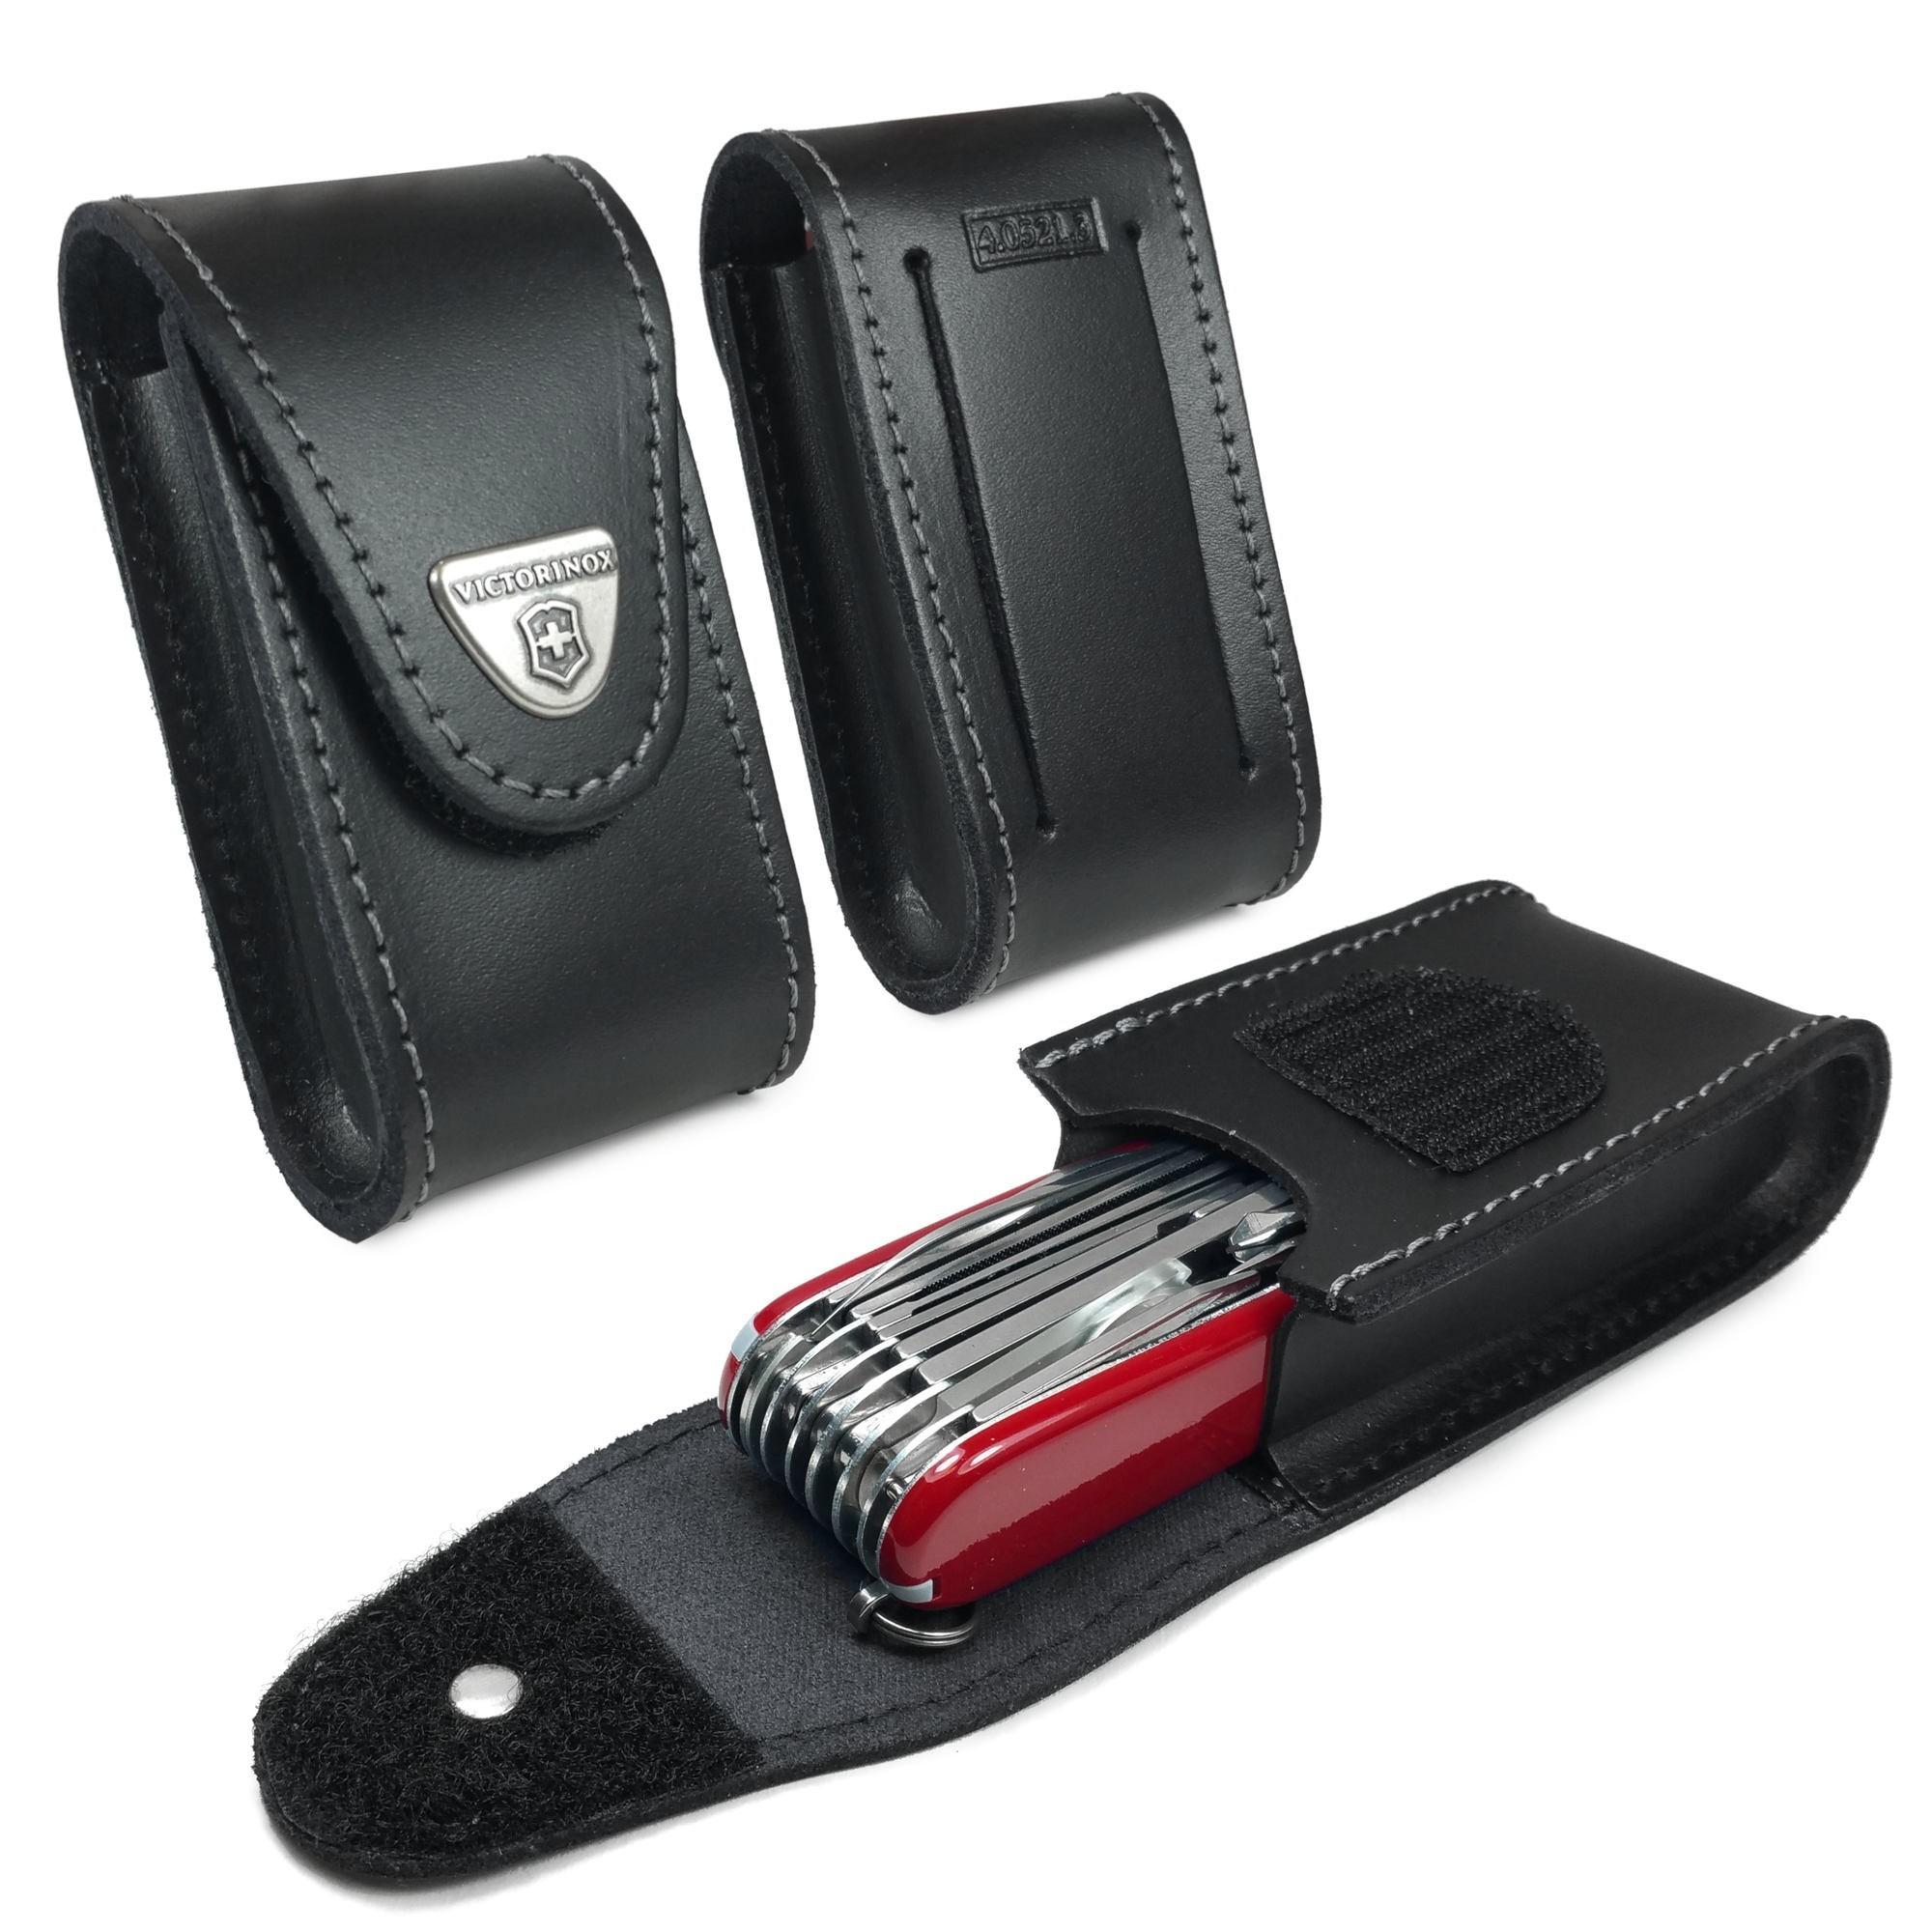 Чехол для широких складных ножей Victorinox 85 и 91 мм. (4.0521.3) натуральная кожа - Wenger-Victorinox.Ru